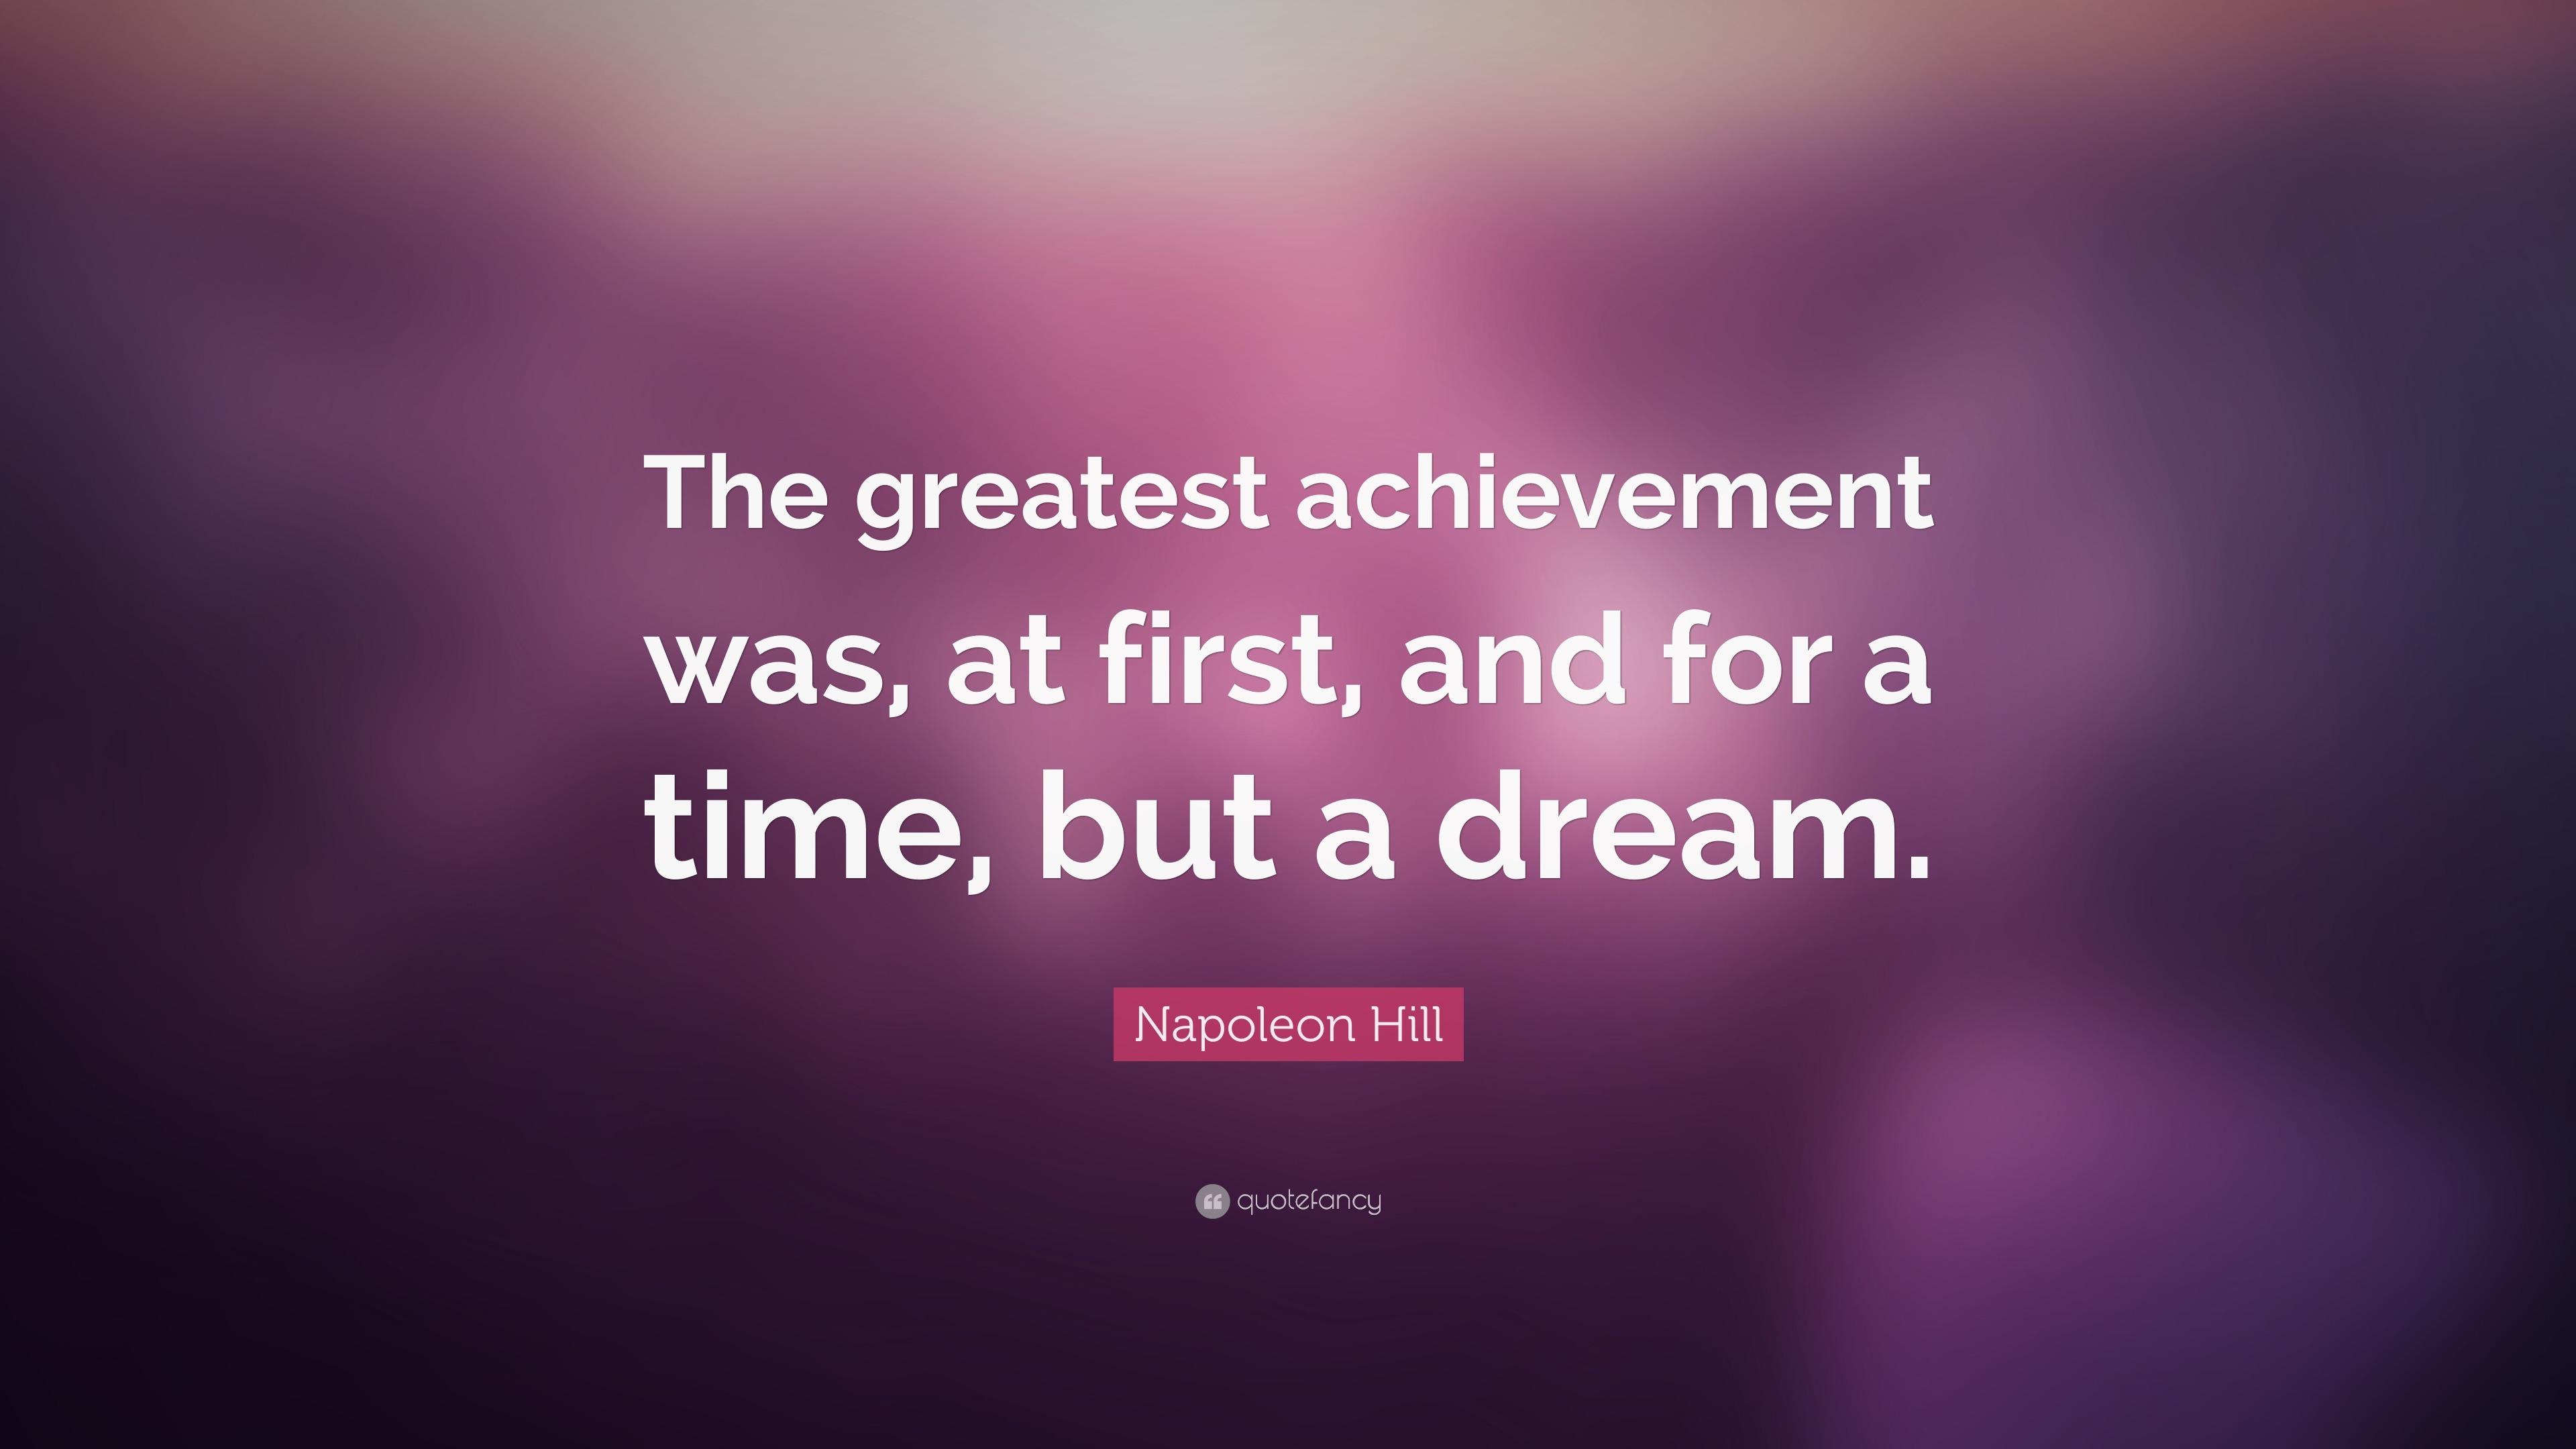 napoleon hill quote the greatest achievement was at first and napoleon hill quote the greatest achievement was at first and for a